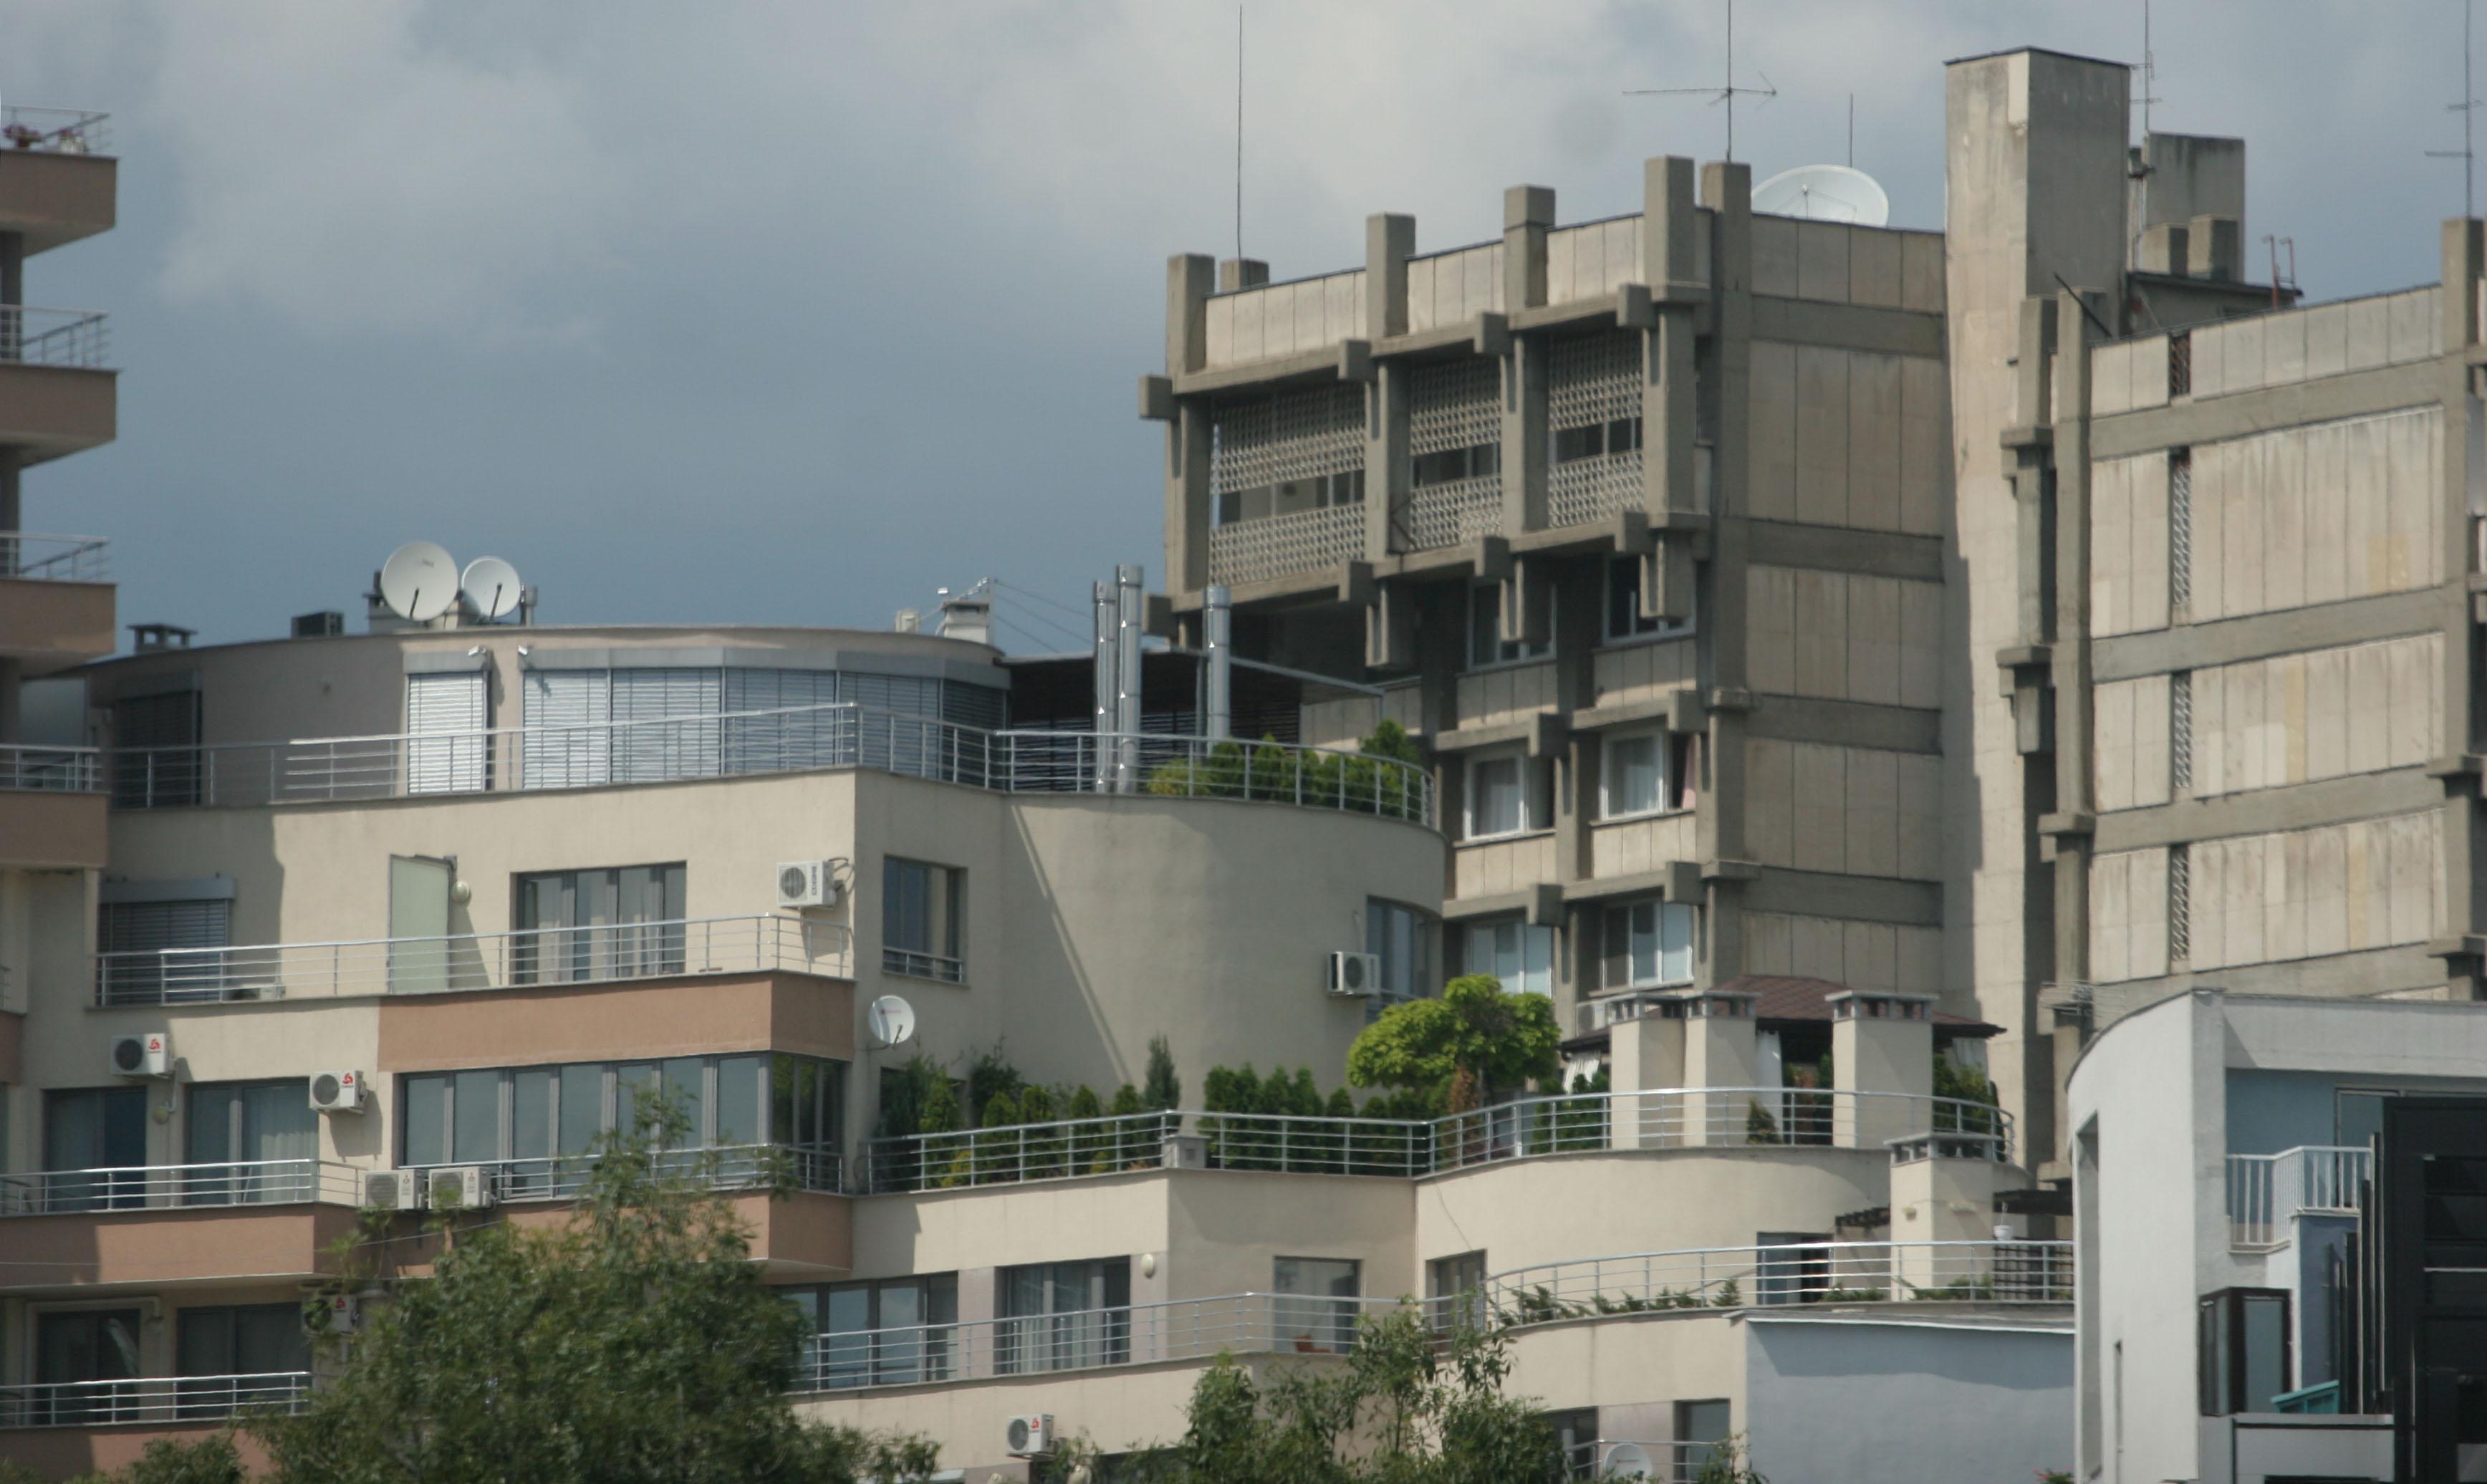 България е привлякла само 2% от инвестициите в бизнес имоти в ЦИЕ